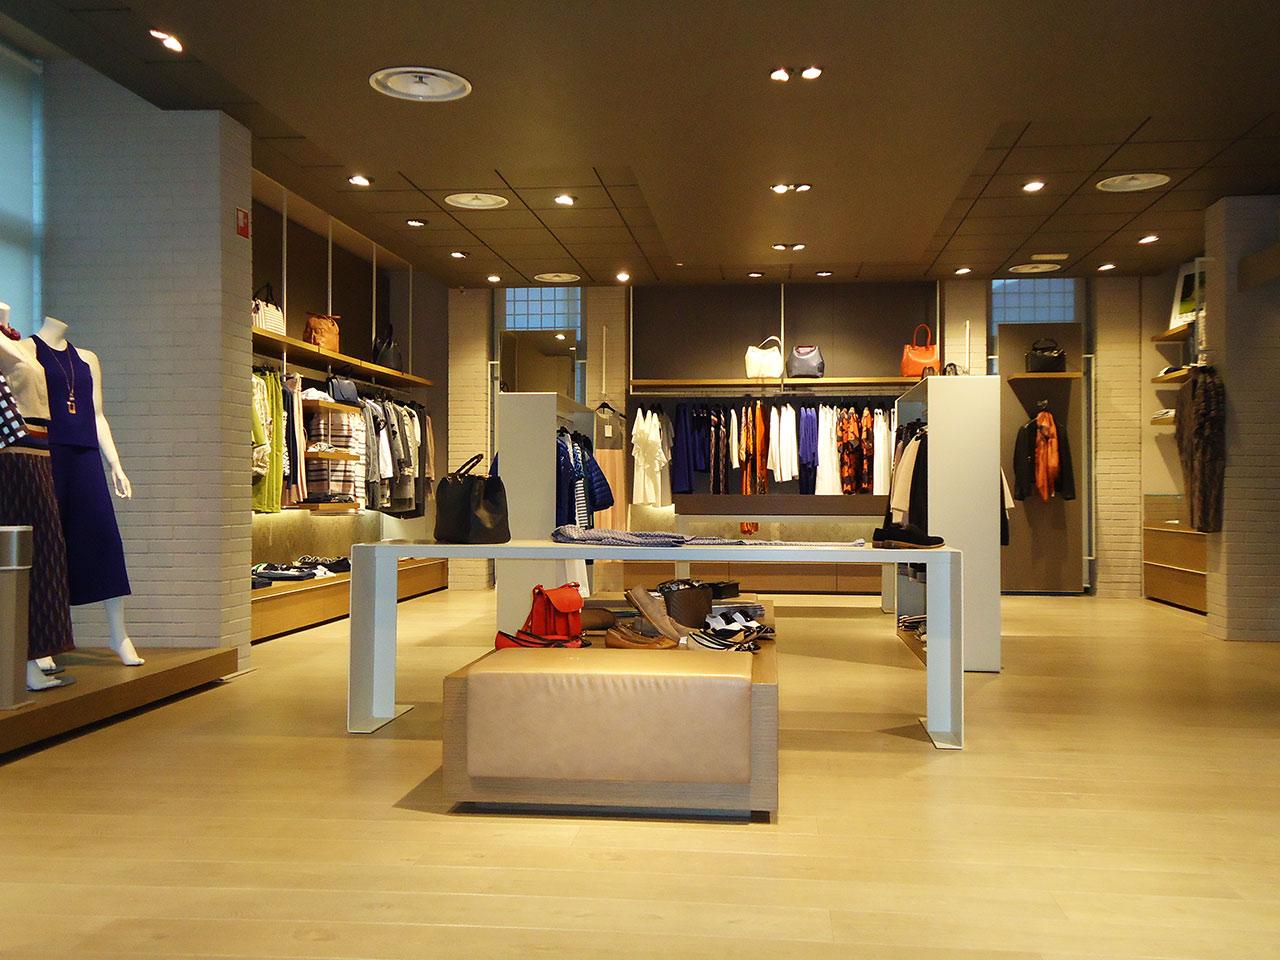 finest selection 4a0d7 cc00d Bettoni Shop - Abbigliamento donna e uomo - Endine Gaiano ...